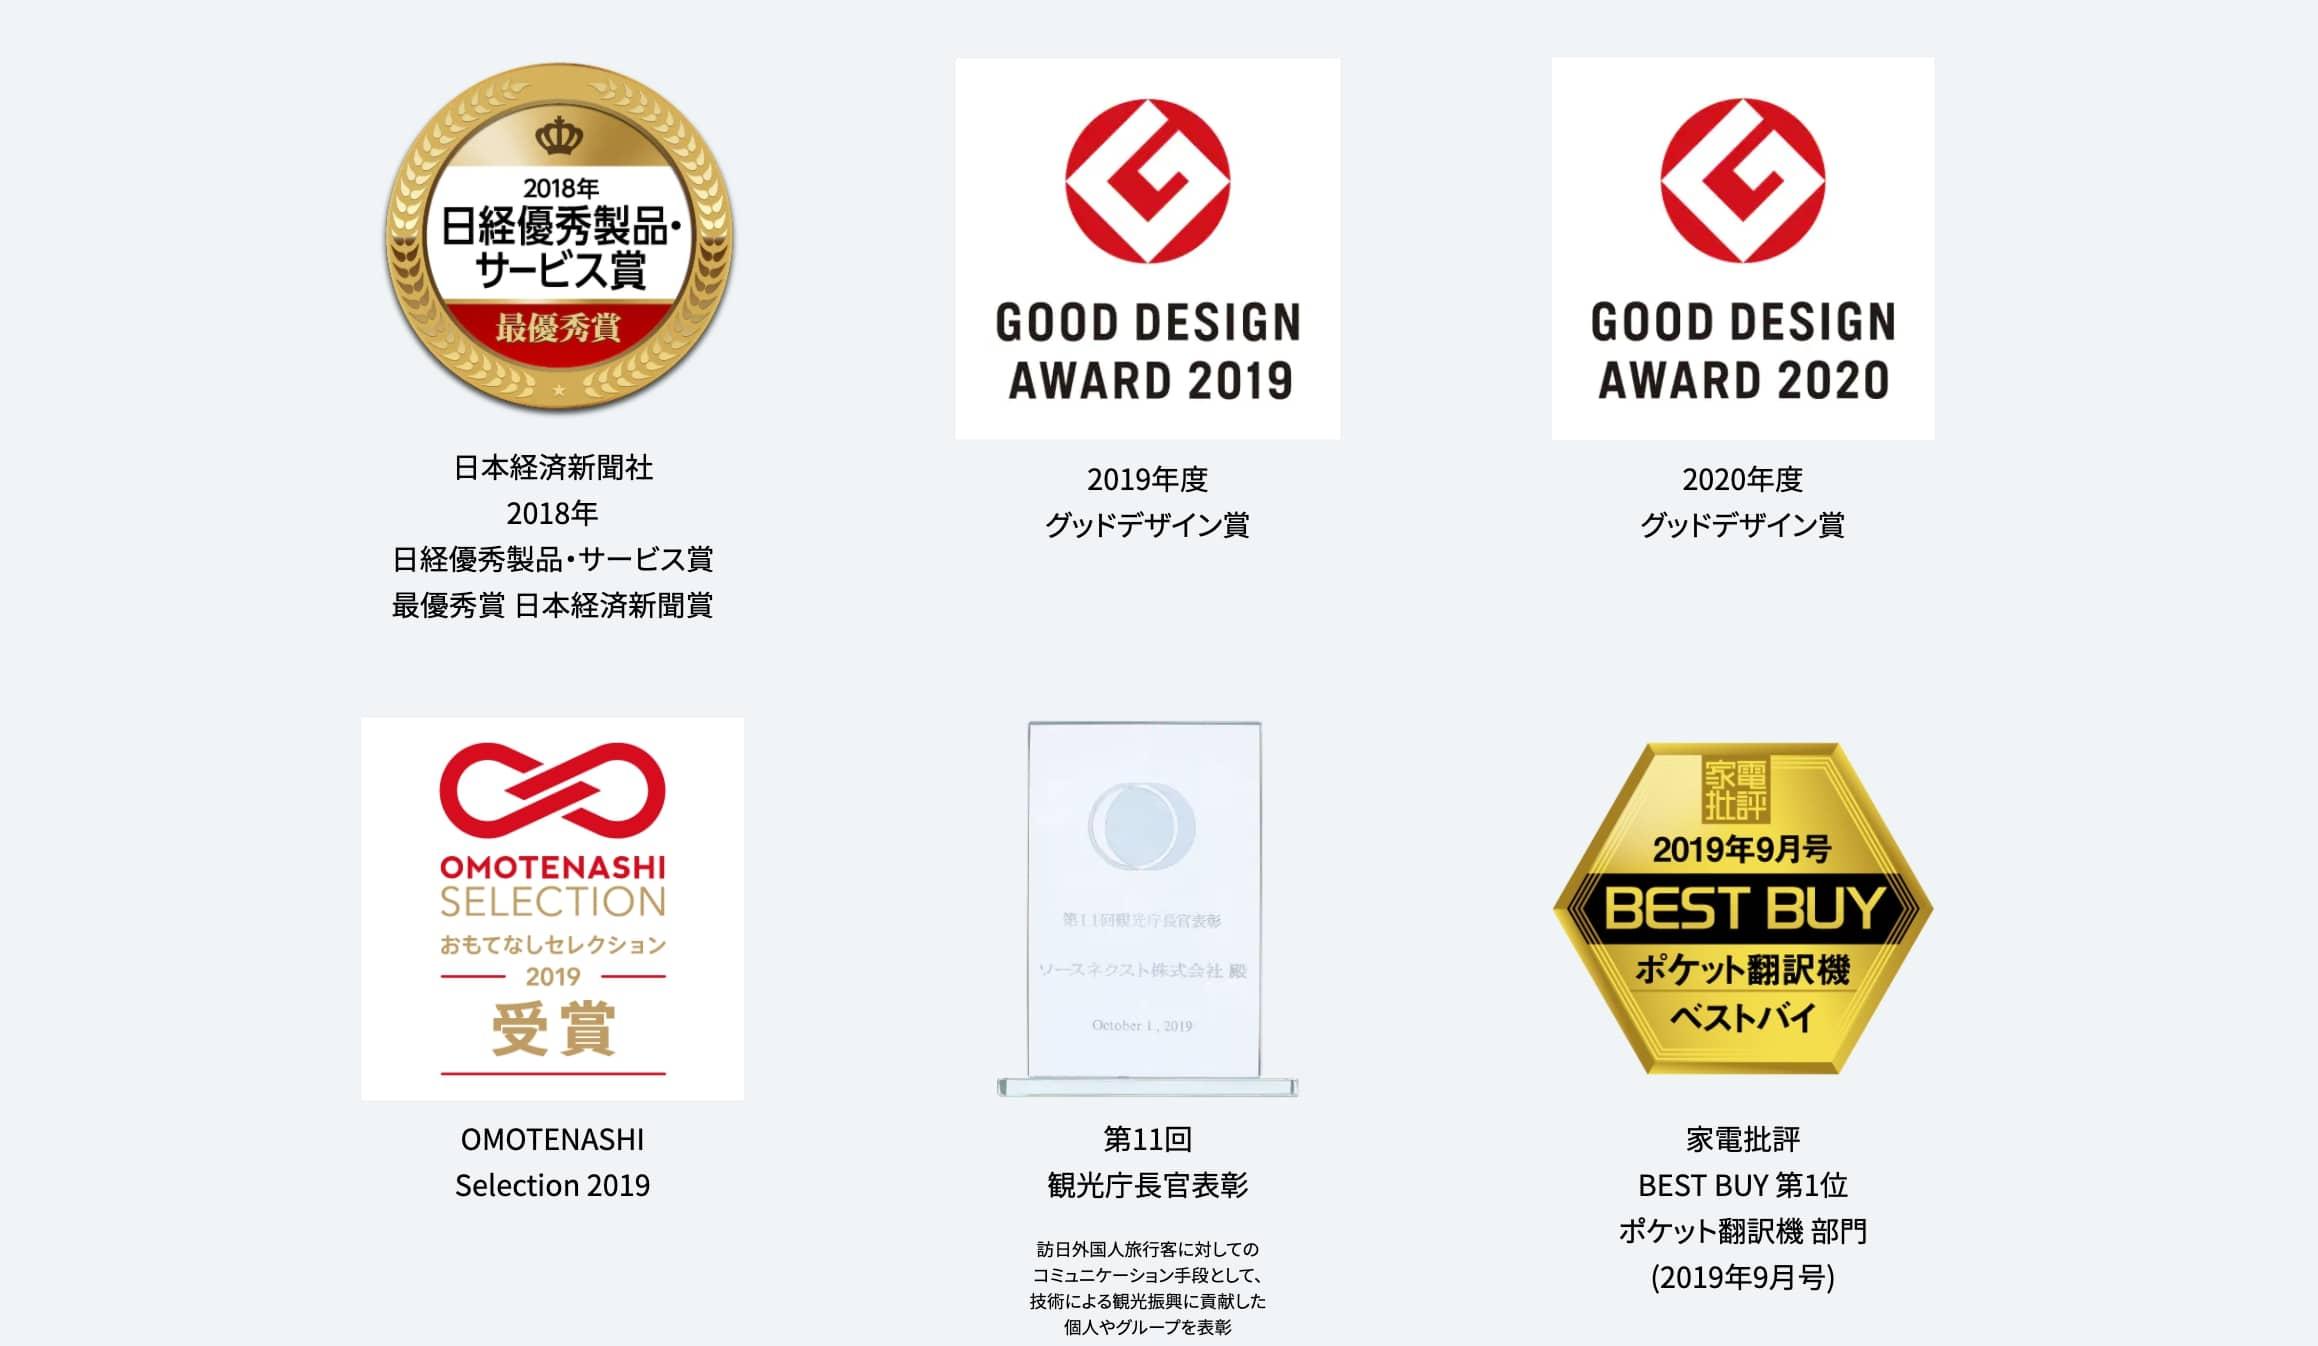 ポケトーク|グッドデザインや日経優秀製品・サービス賞など各種の受賞実績